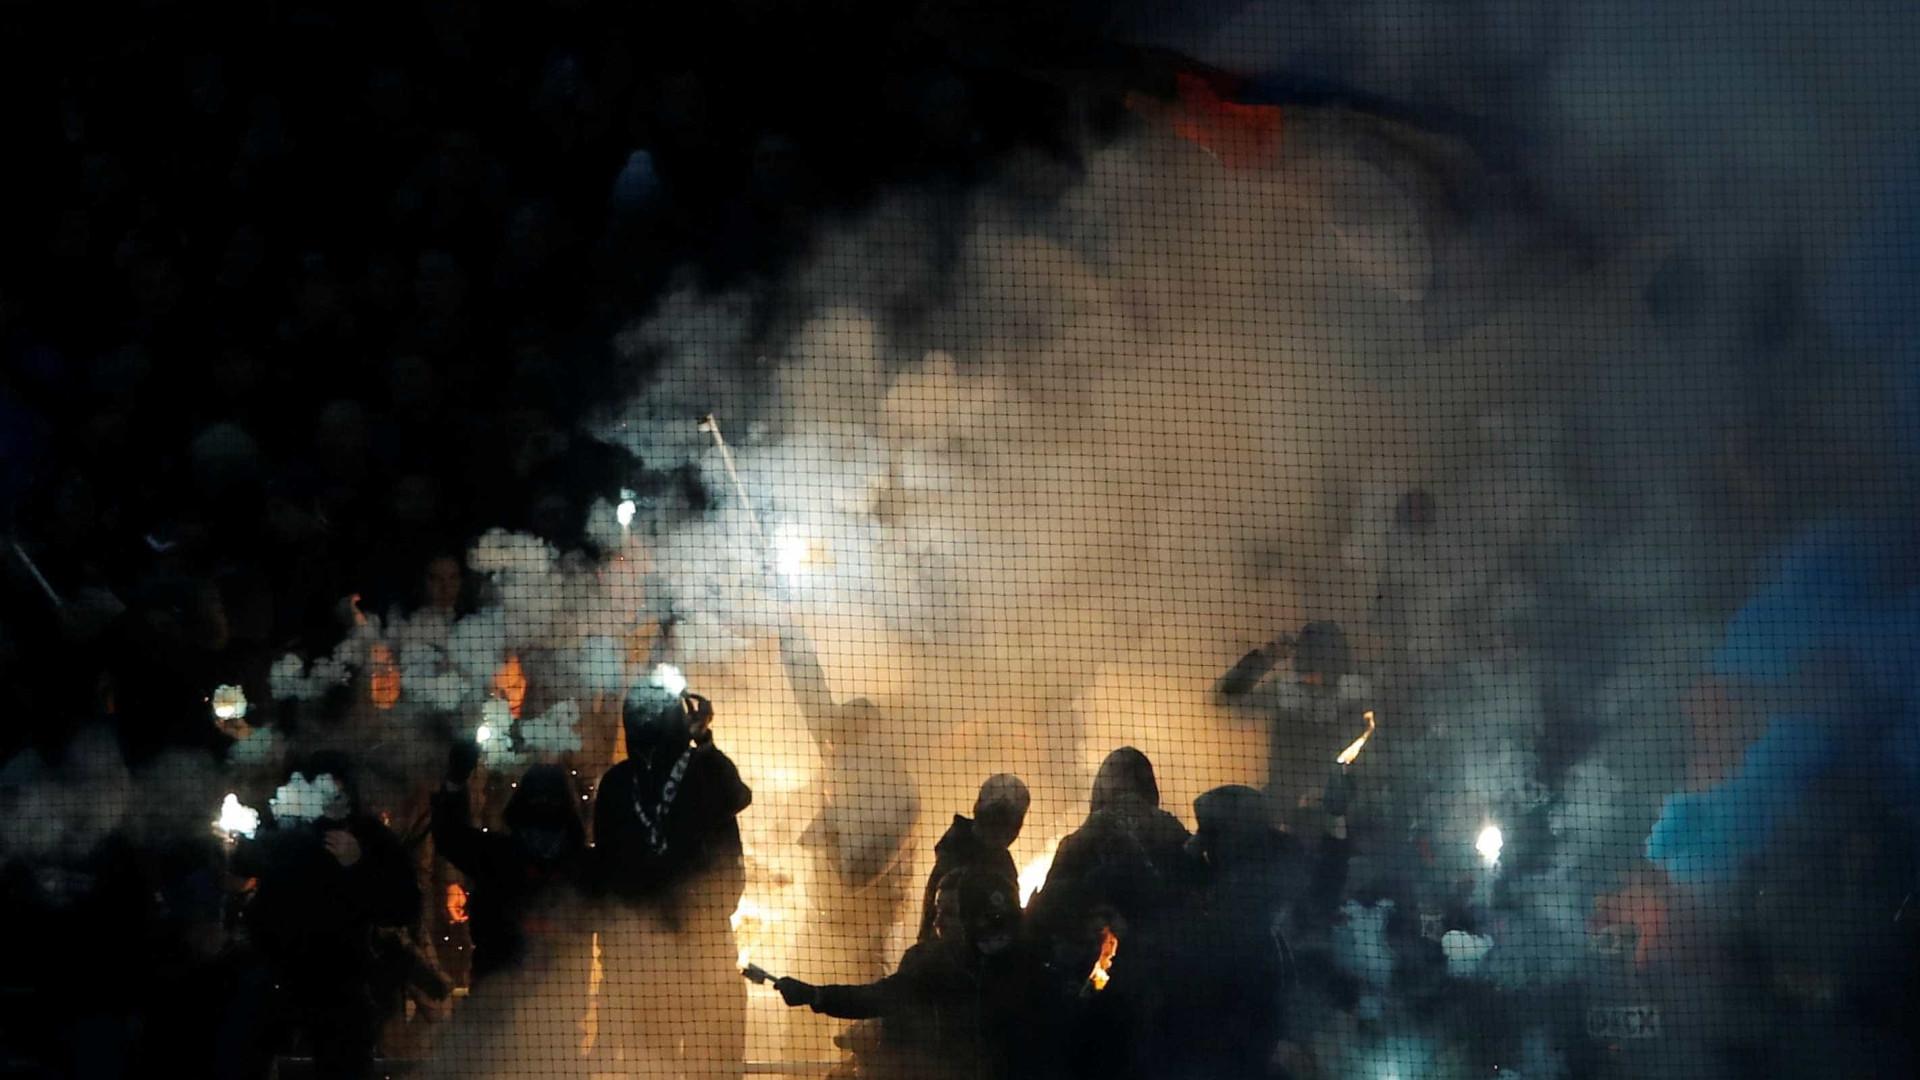 Briga entre torcedores da Roma e CSKA deixa 3 feridos